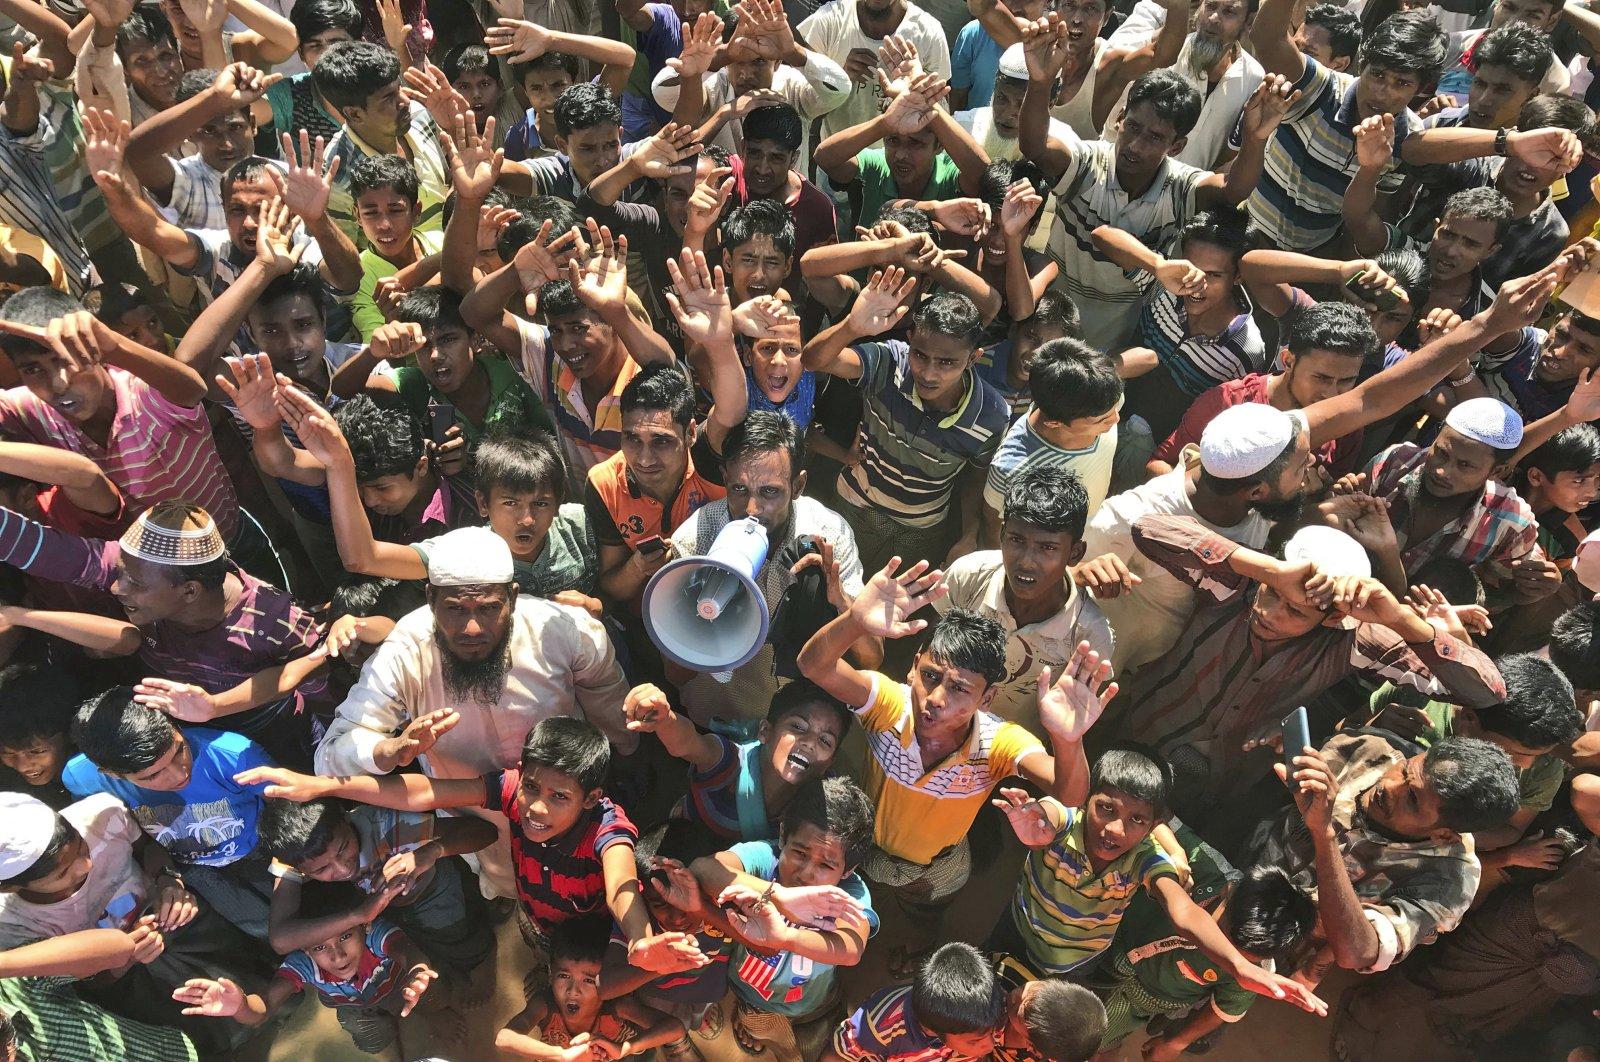 Rohingya refugees shout slogans against repatriation at Unchiprang camp near Cox's Bazar, Bangladesh, Nov. 15, 2018. (AP Photo)